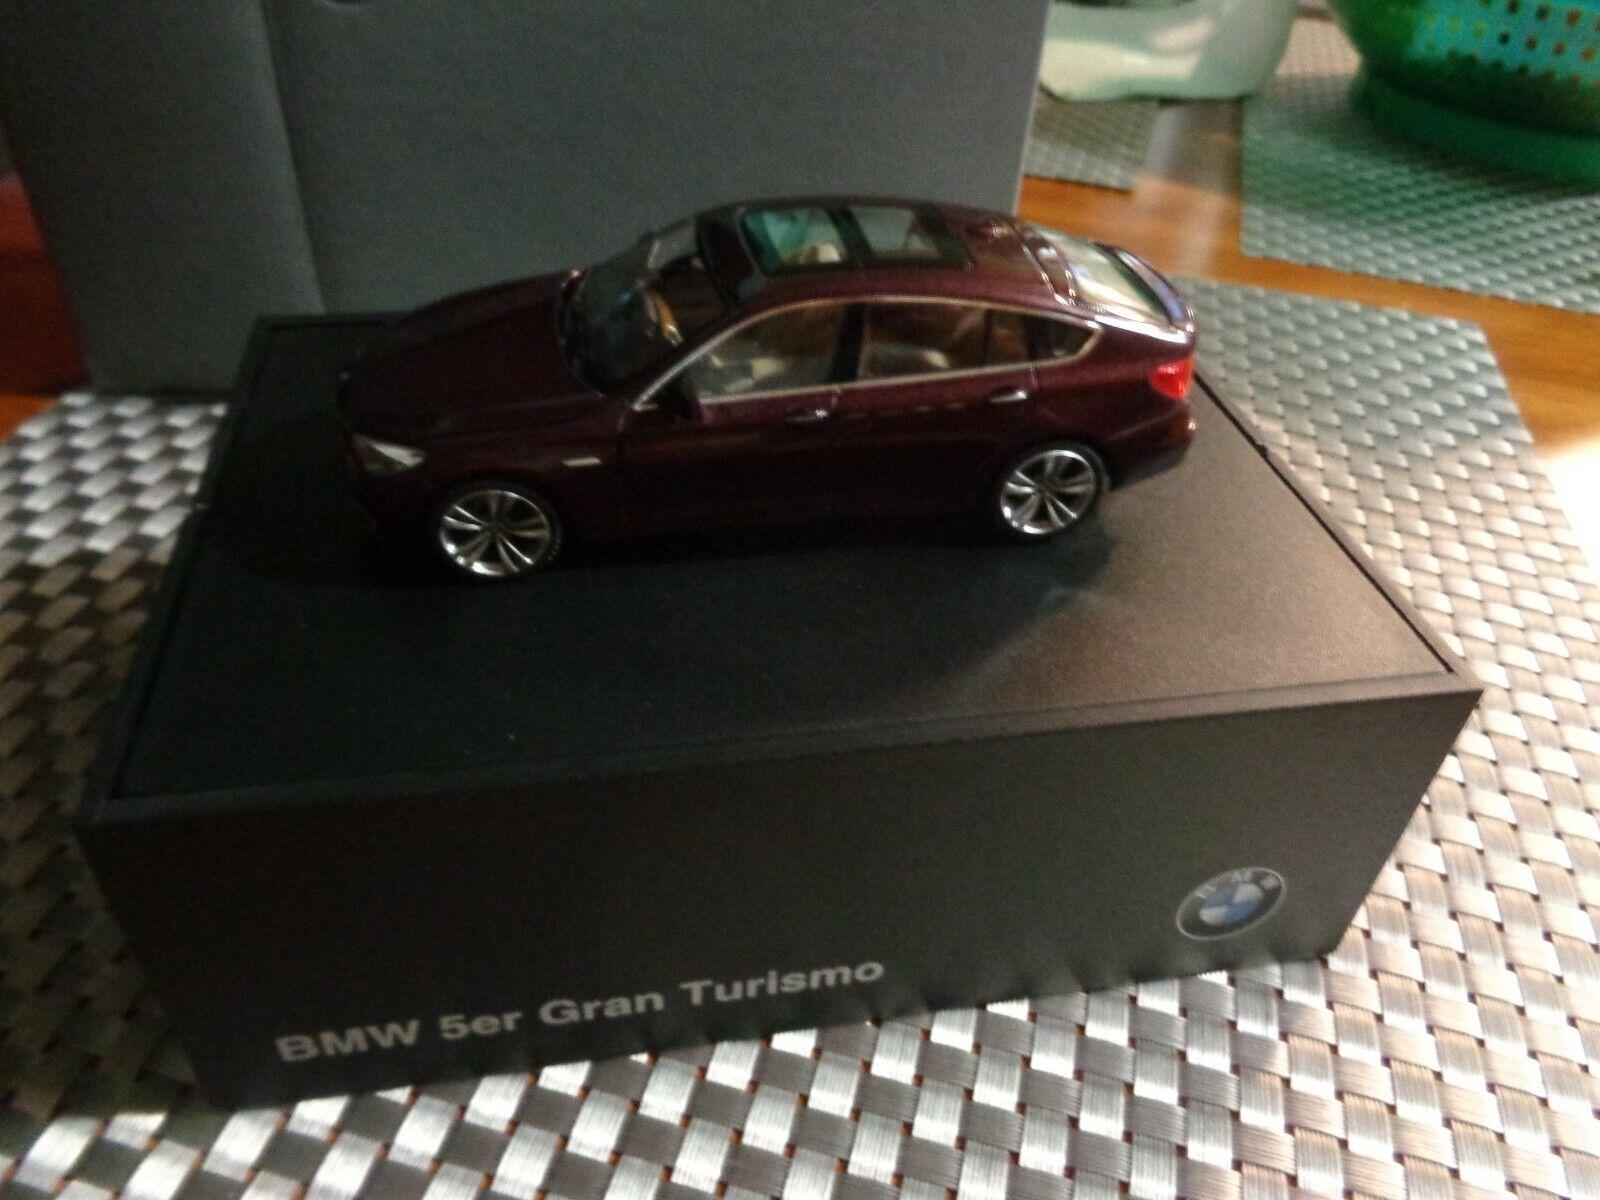 NEUF RARE MINICHAMPS BMW Série 5 Gran Turismo 1 43 Dealer Promo Box. Schuco 5er